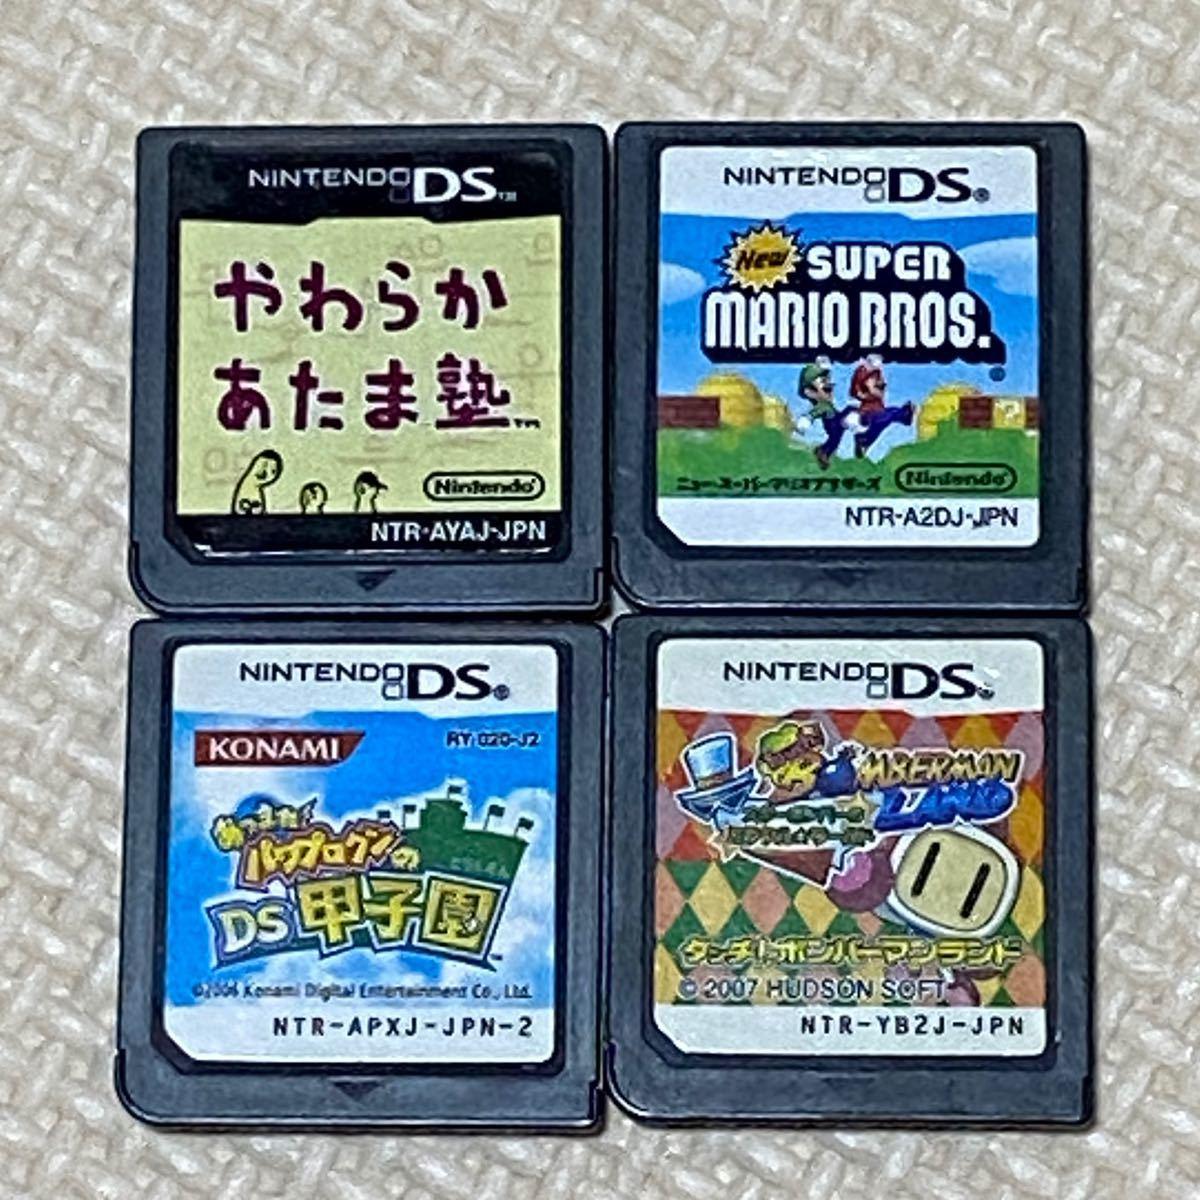 DSソフト NDS  任天堂DS やわらかあたま塾  Newスーパーマリオブラザーズ